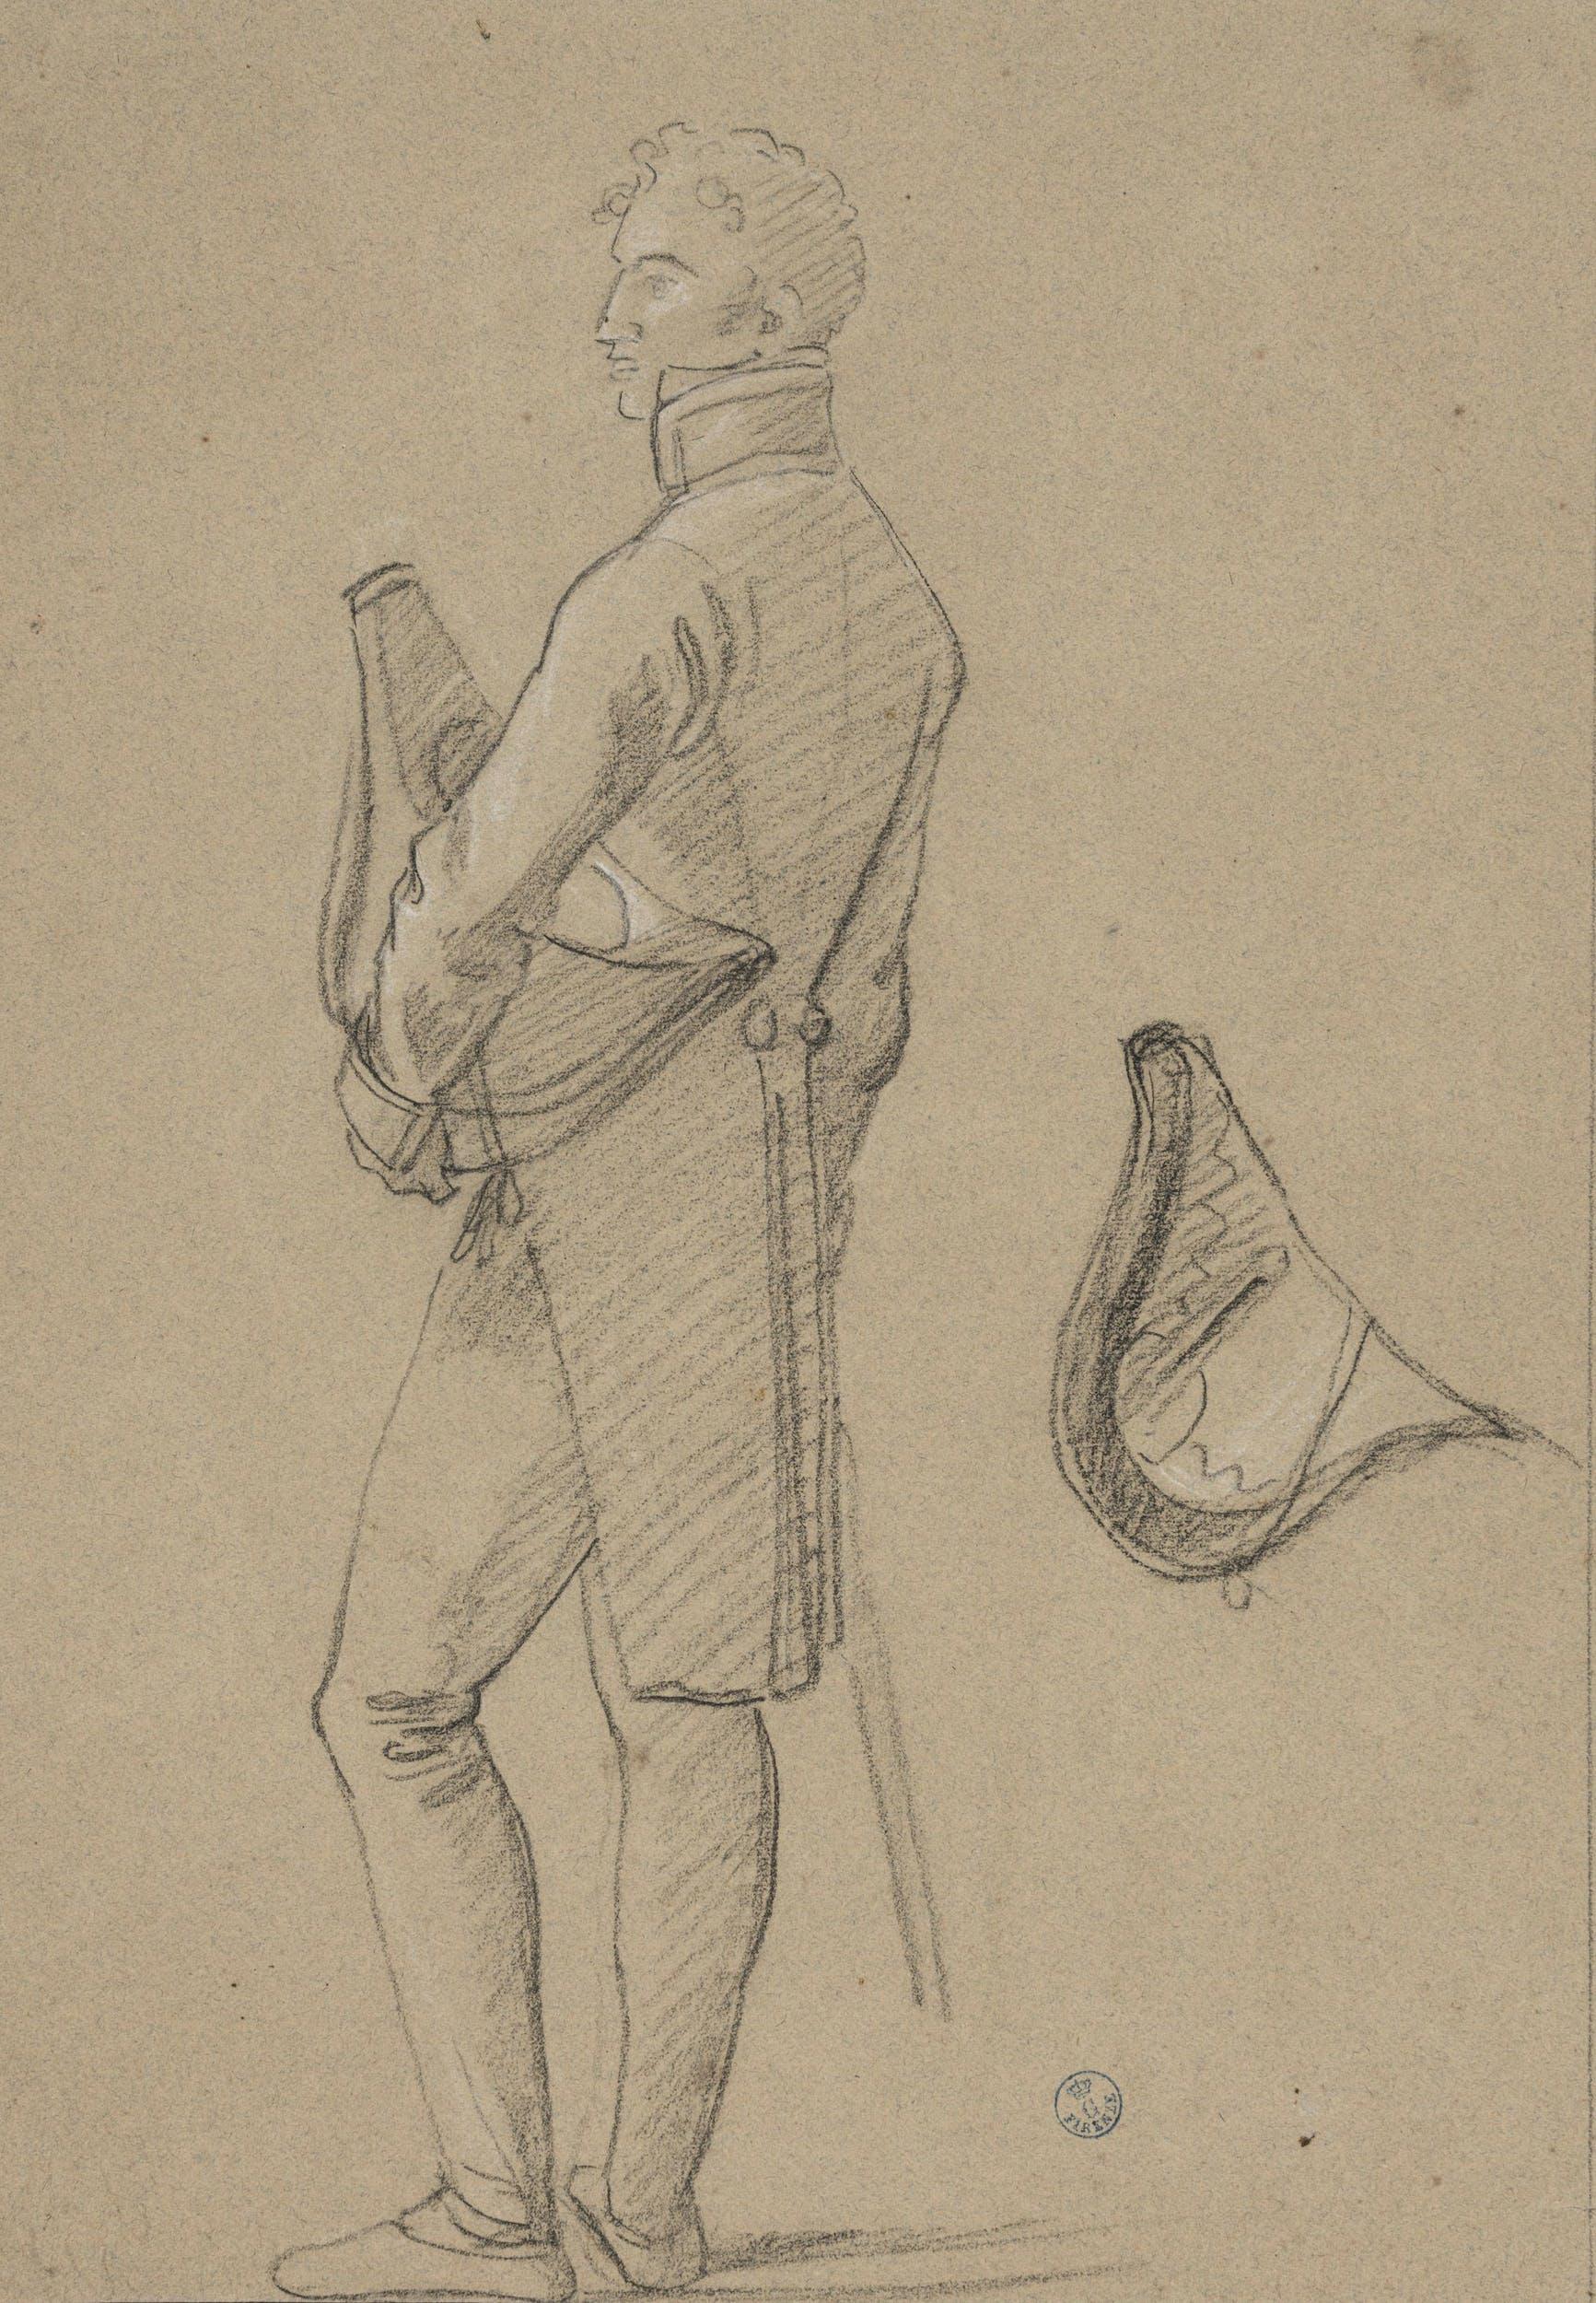 Pietro Benvenuti (Arezzo 1769-Firenze 1844) Studio per la figura di Felice Pasquale Baciocchi Matita nera su carta beige, tracce di biacca bianca Gabinetto dei Disegni e Stampe degli Uffizi, n. Inv. 20963